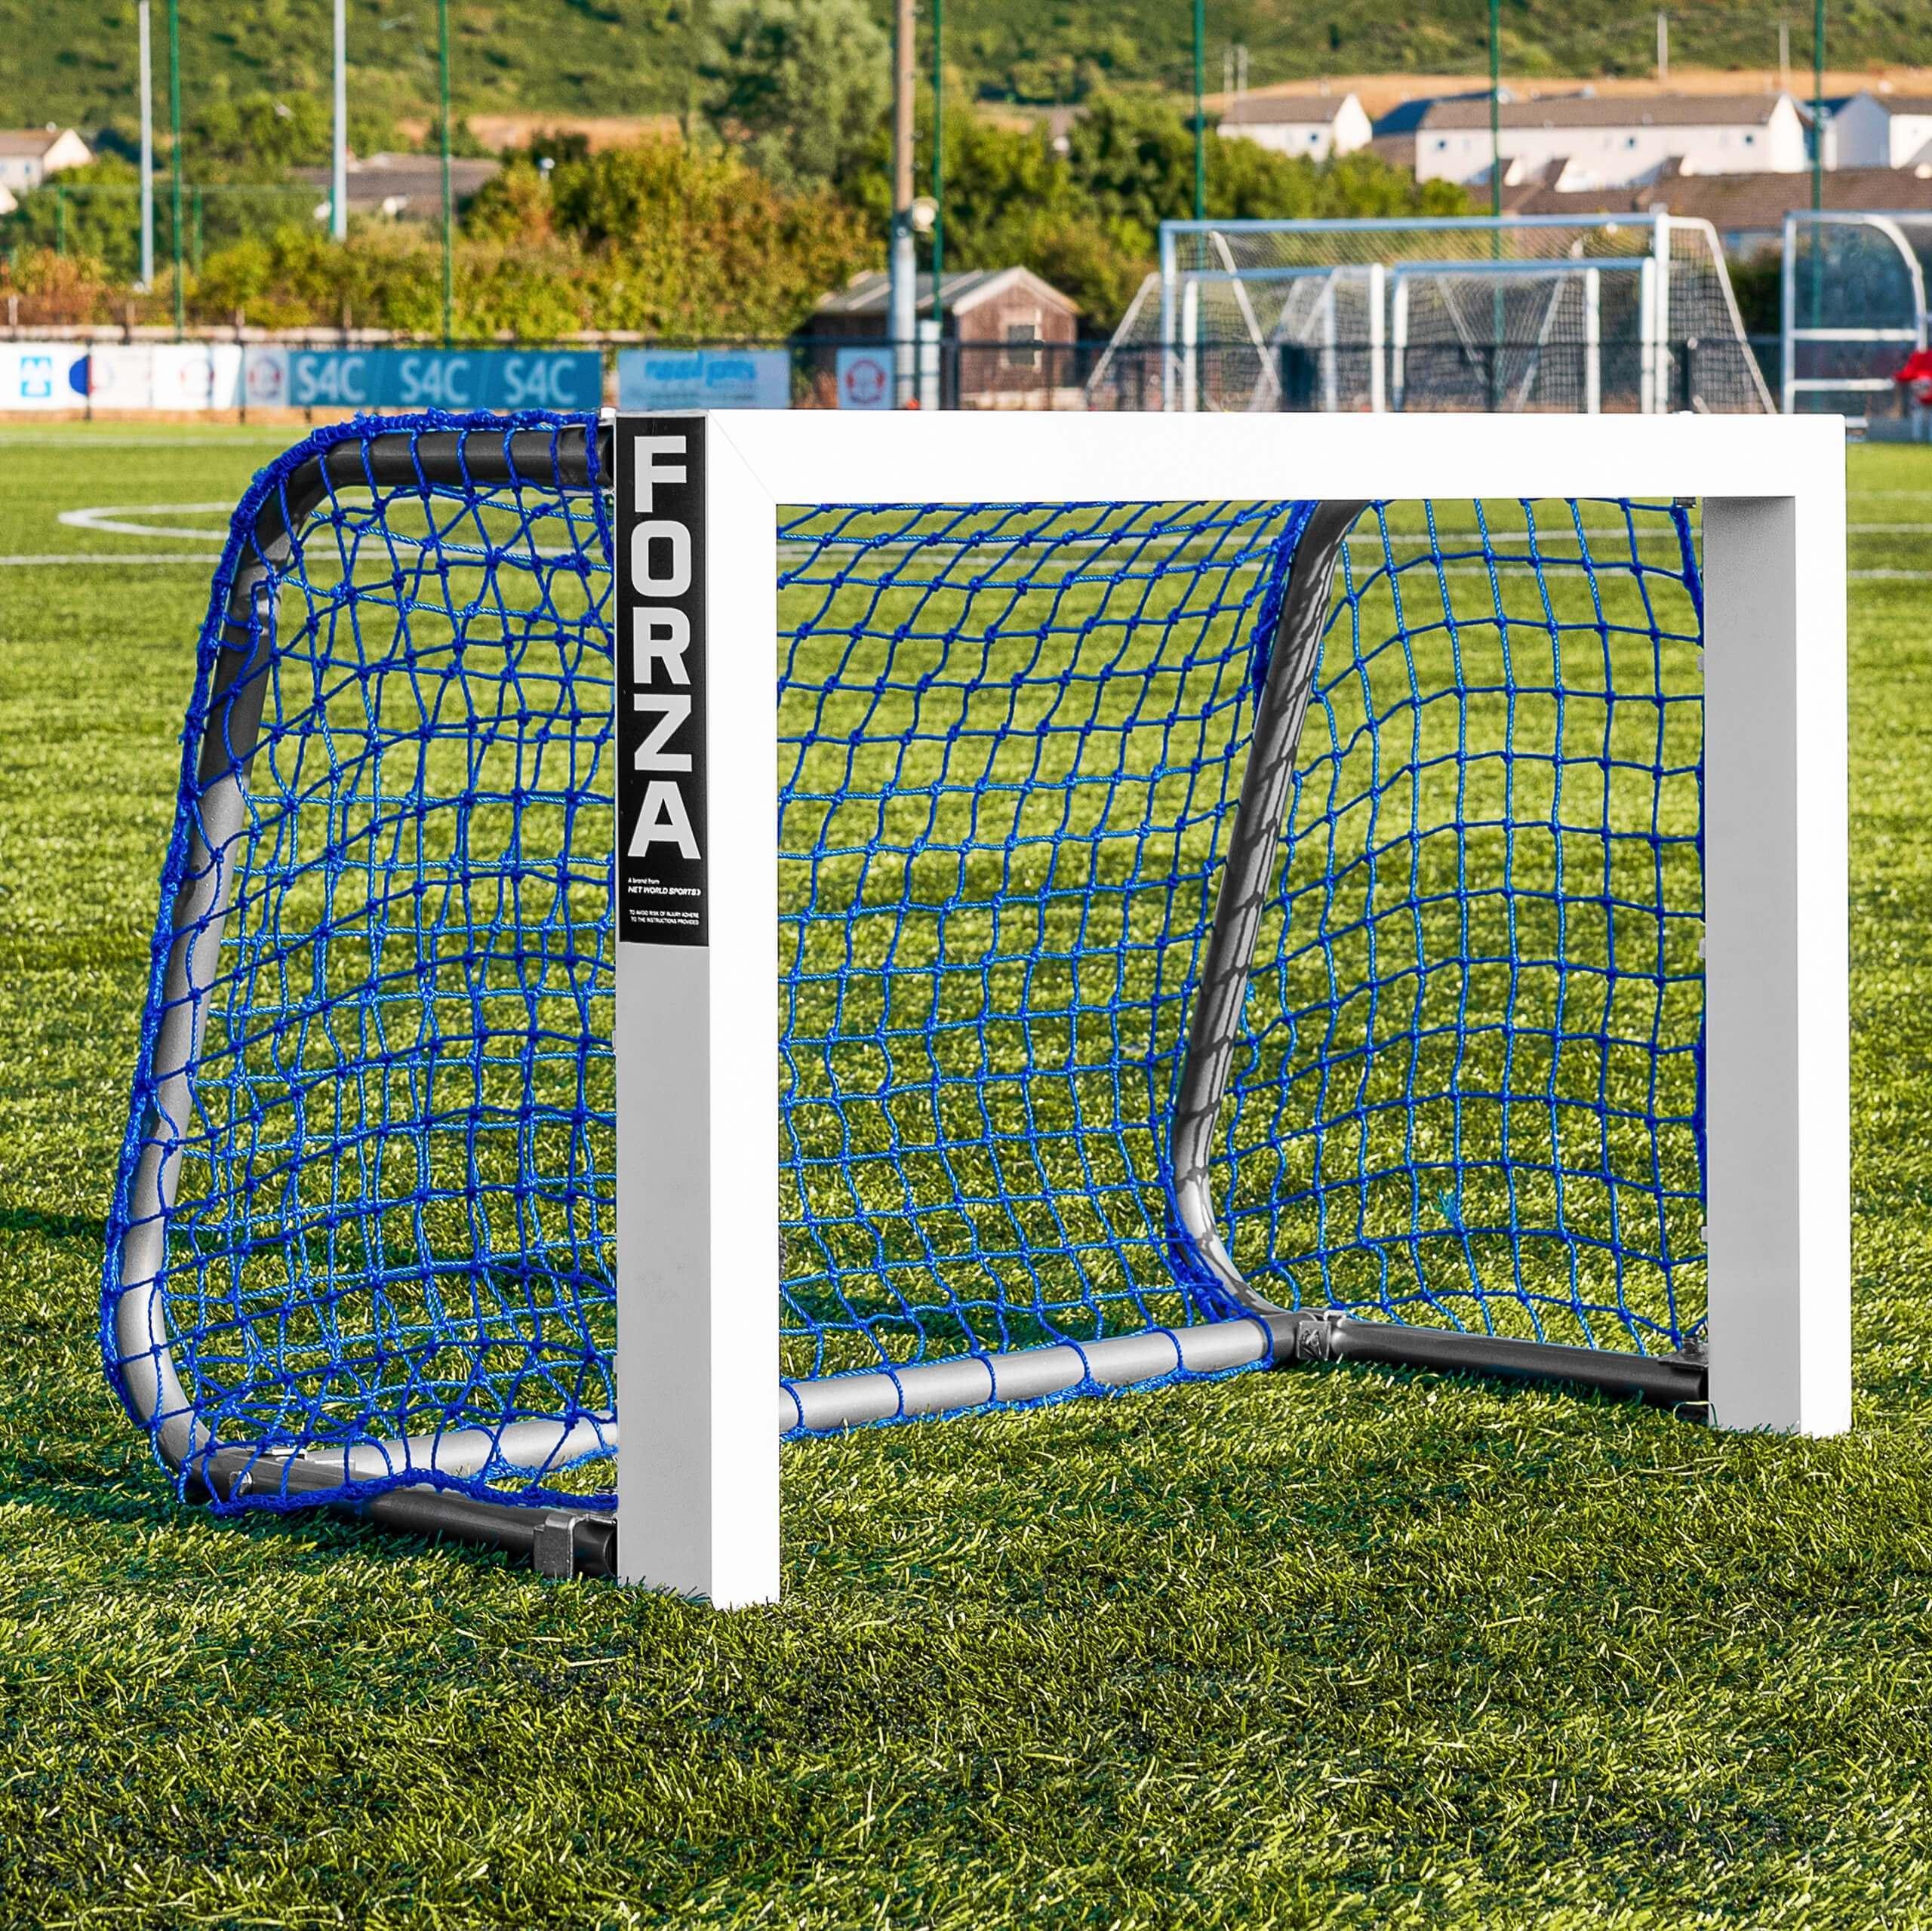 FORZA Alu Mini Target Soccer Goal - Blue Net